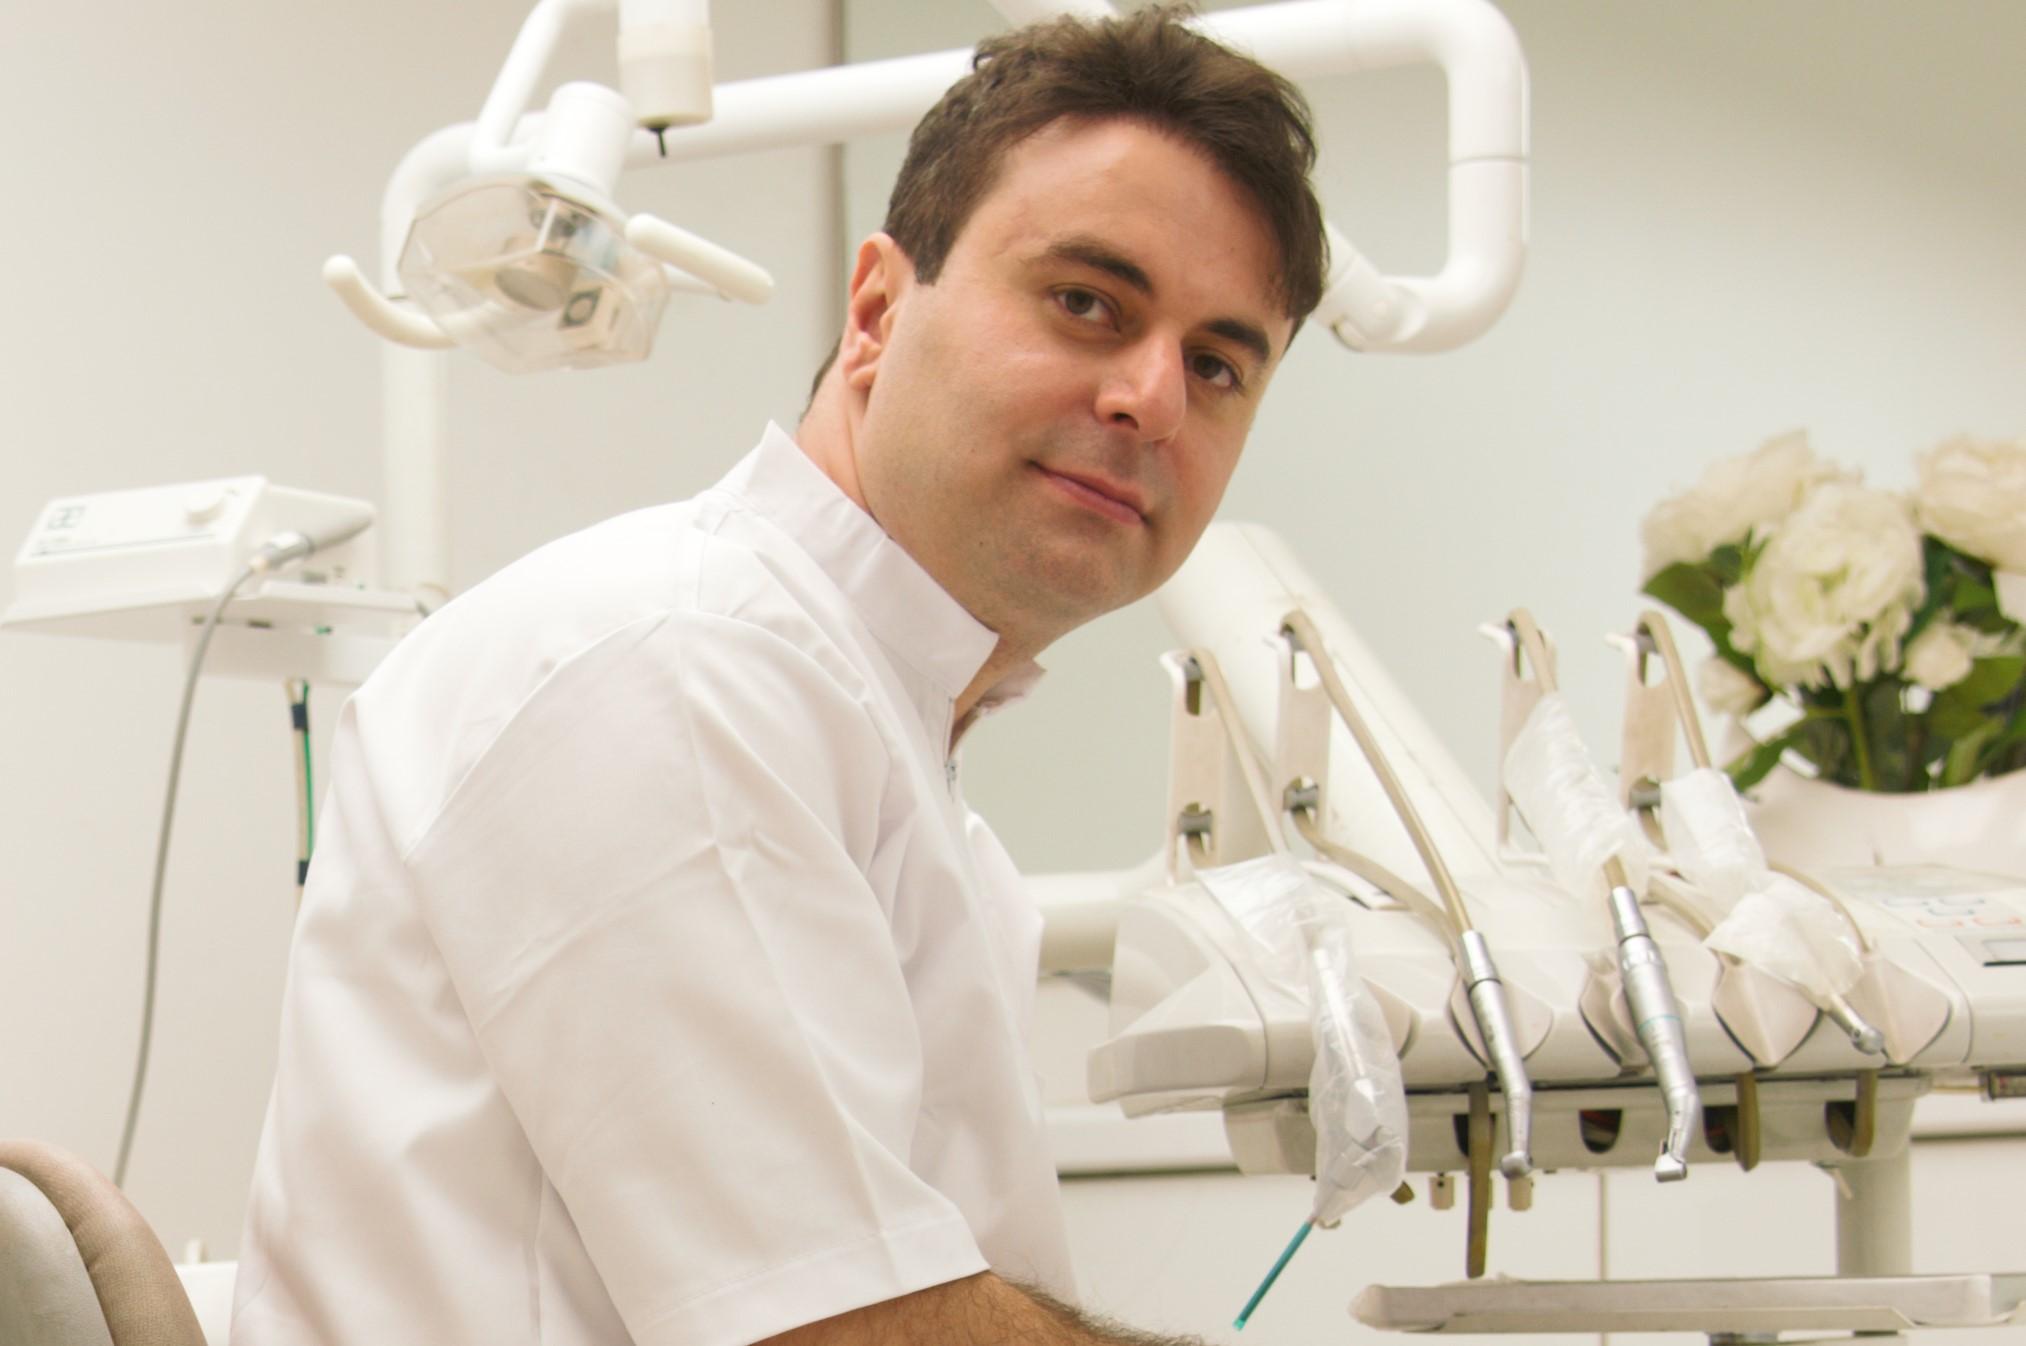 جراح دندانپزشک، متخصص آسیب شناسی دهان، بورد تخصصی